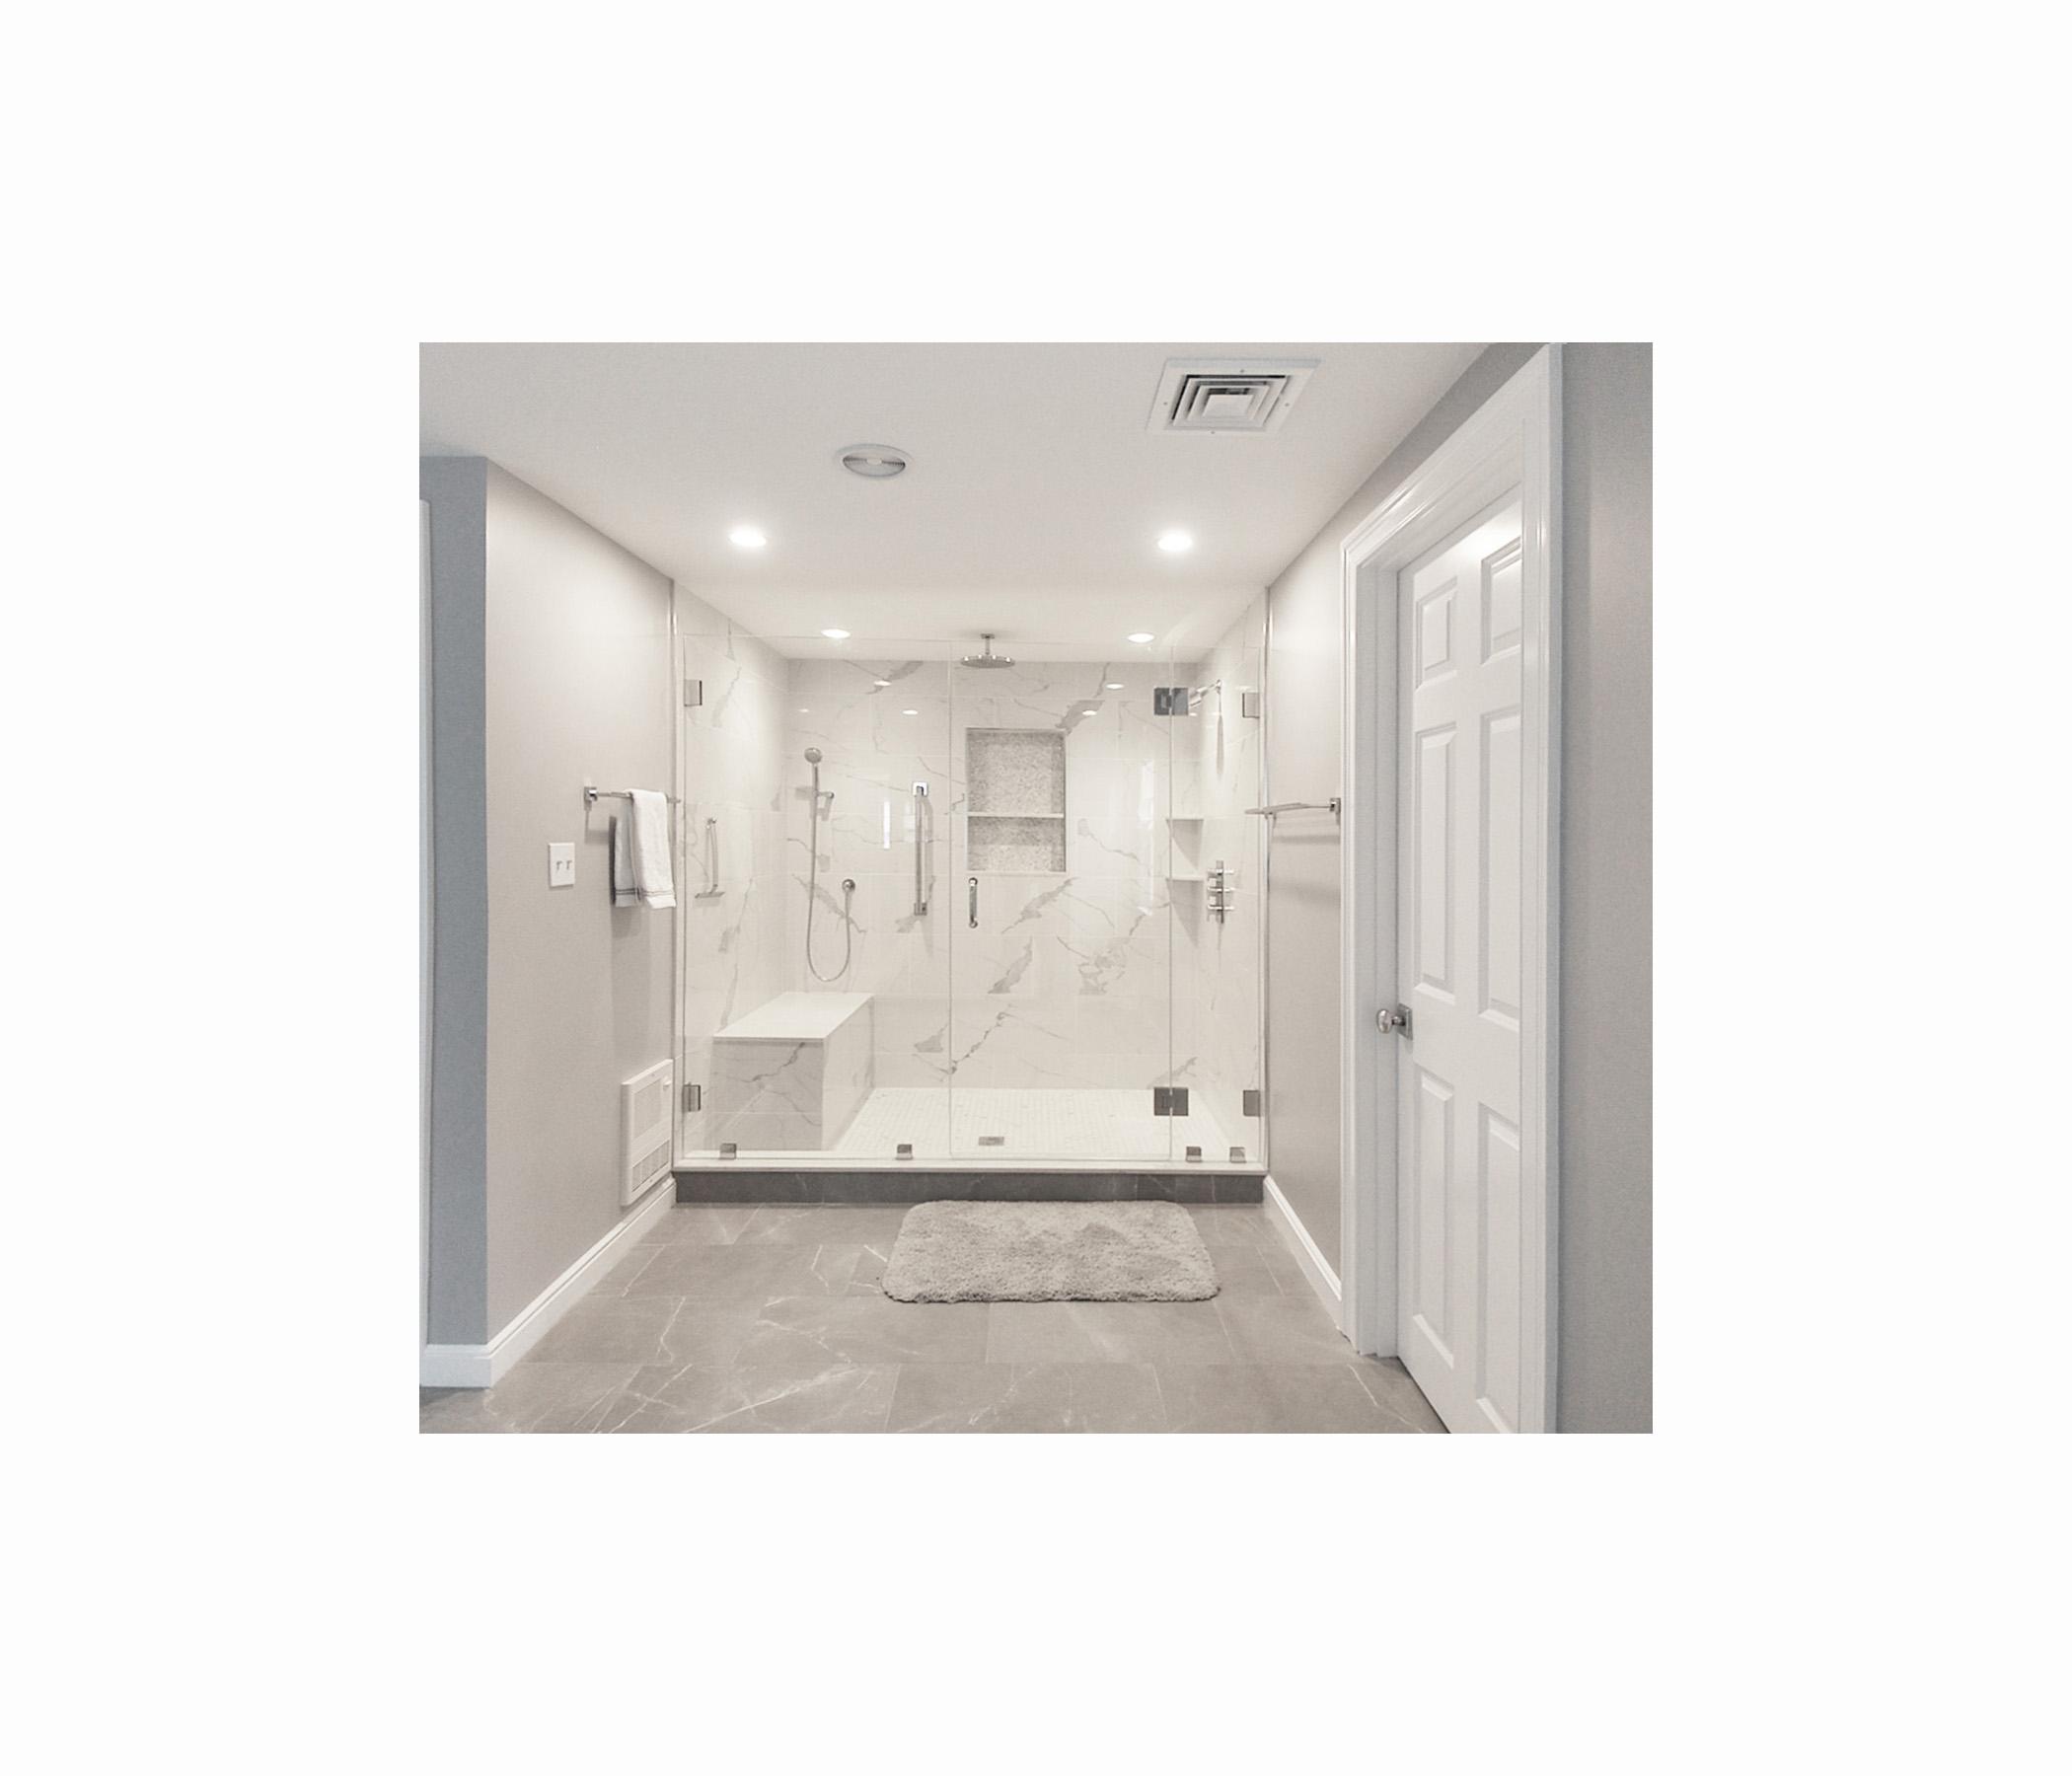 LH_Shower 7.jpg